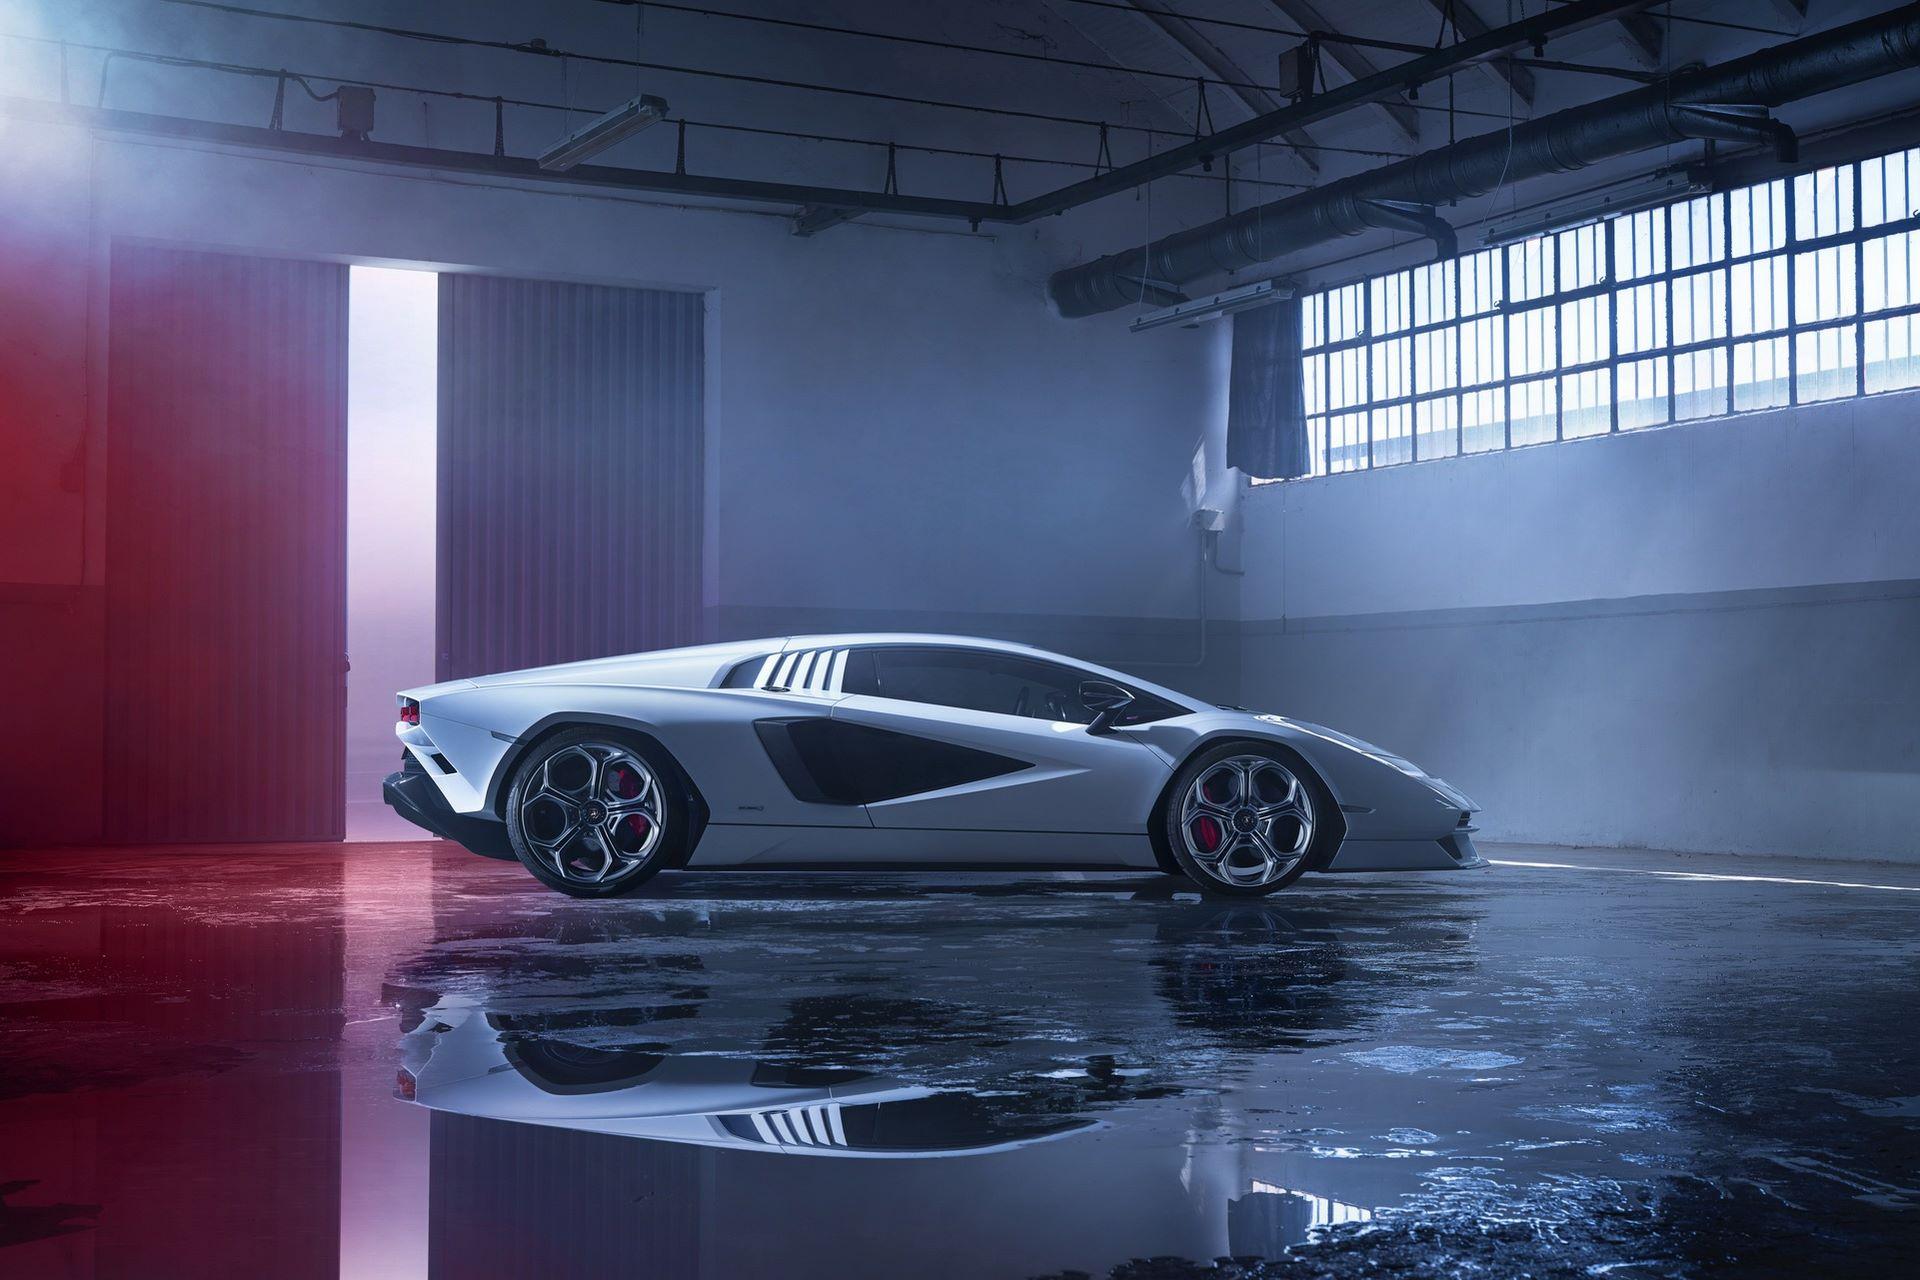 Lamborghini-Countach-LPI-800-4-86